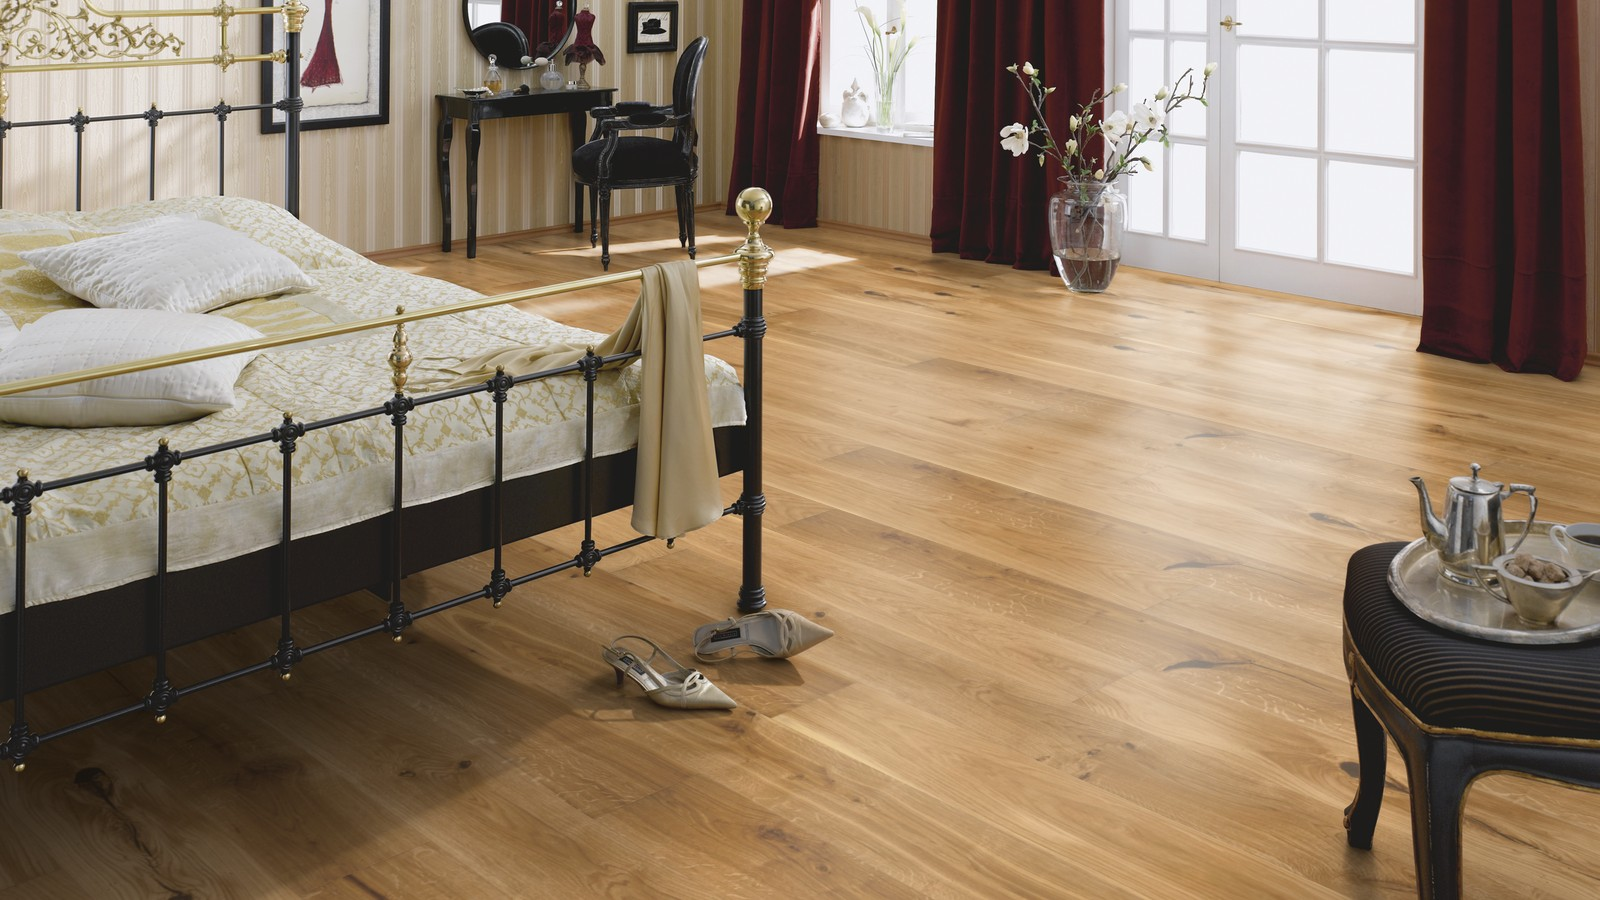 ter h rne bright collection l parkett l b22 eiche l landhausdiele preisbrecher. Black Bedroom Furniture Sets. Home Design Ideas